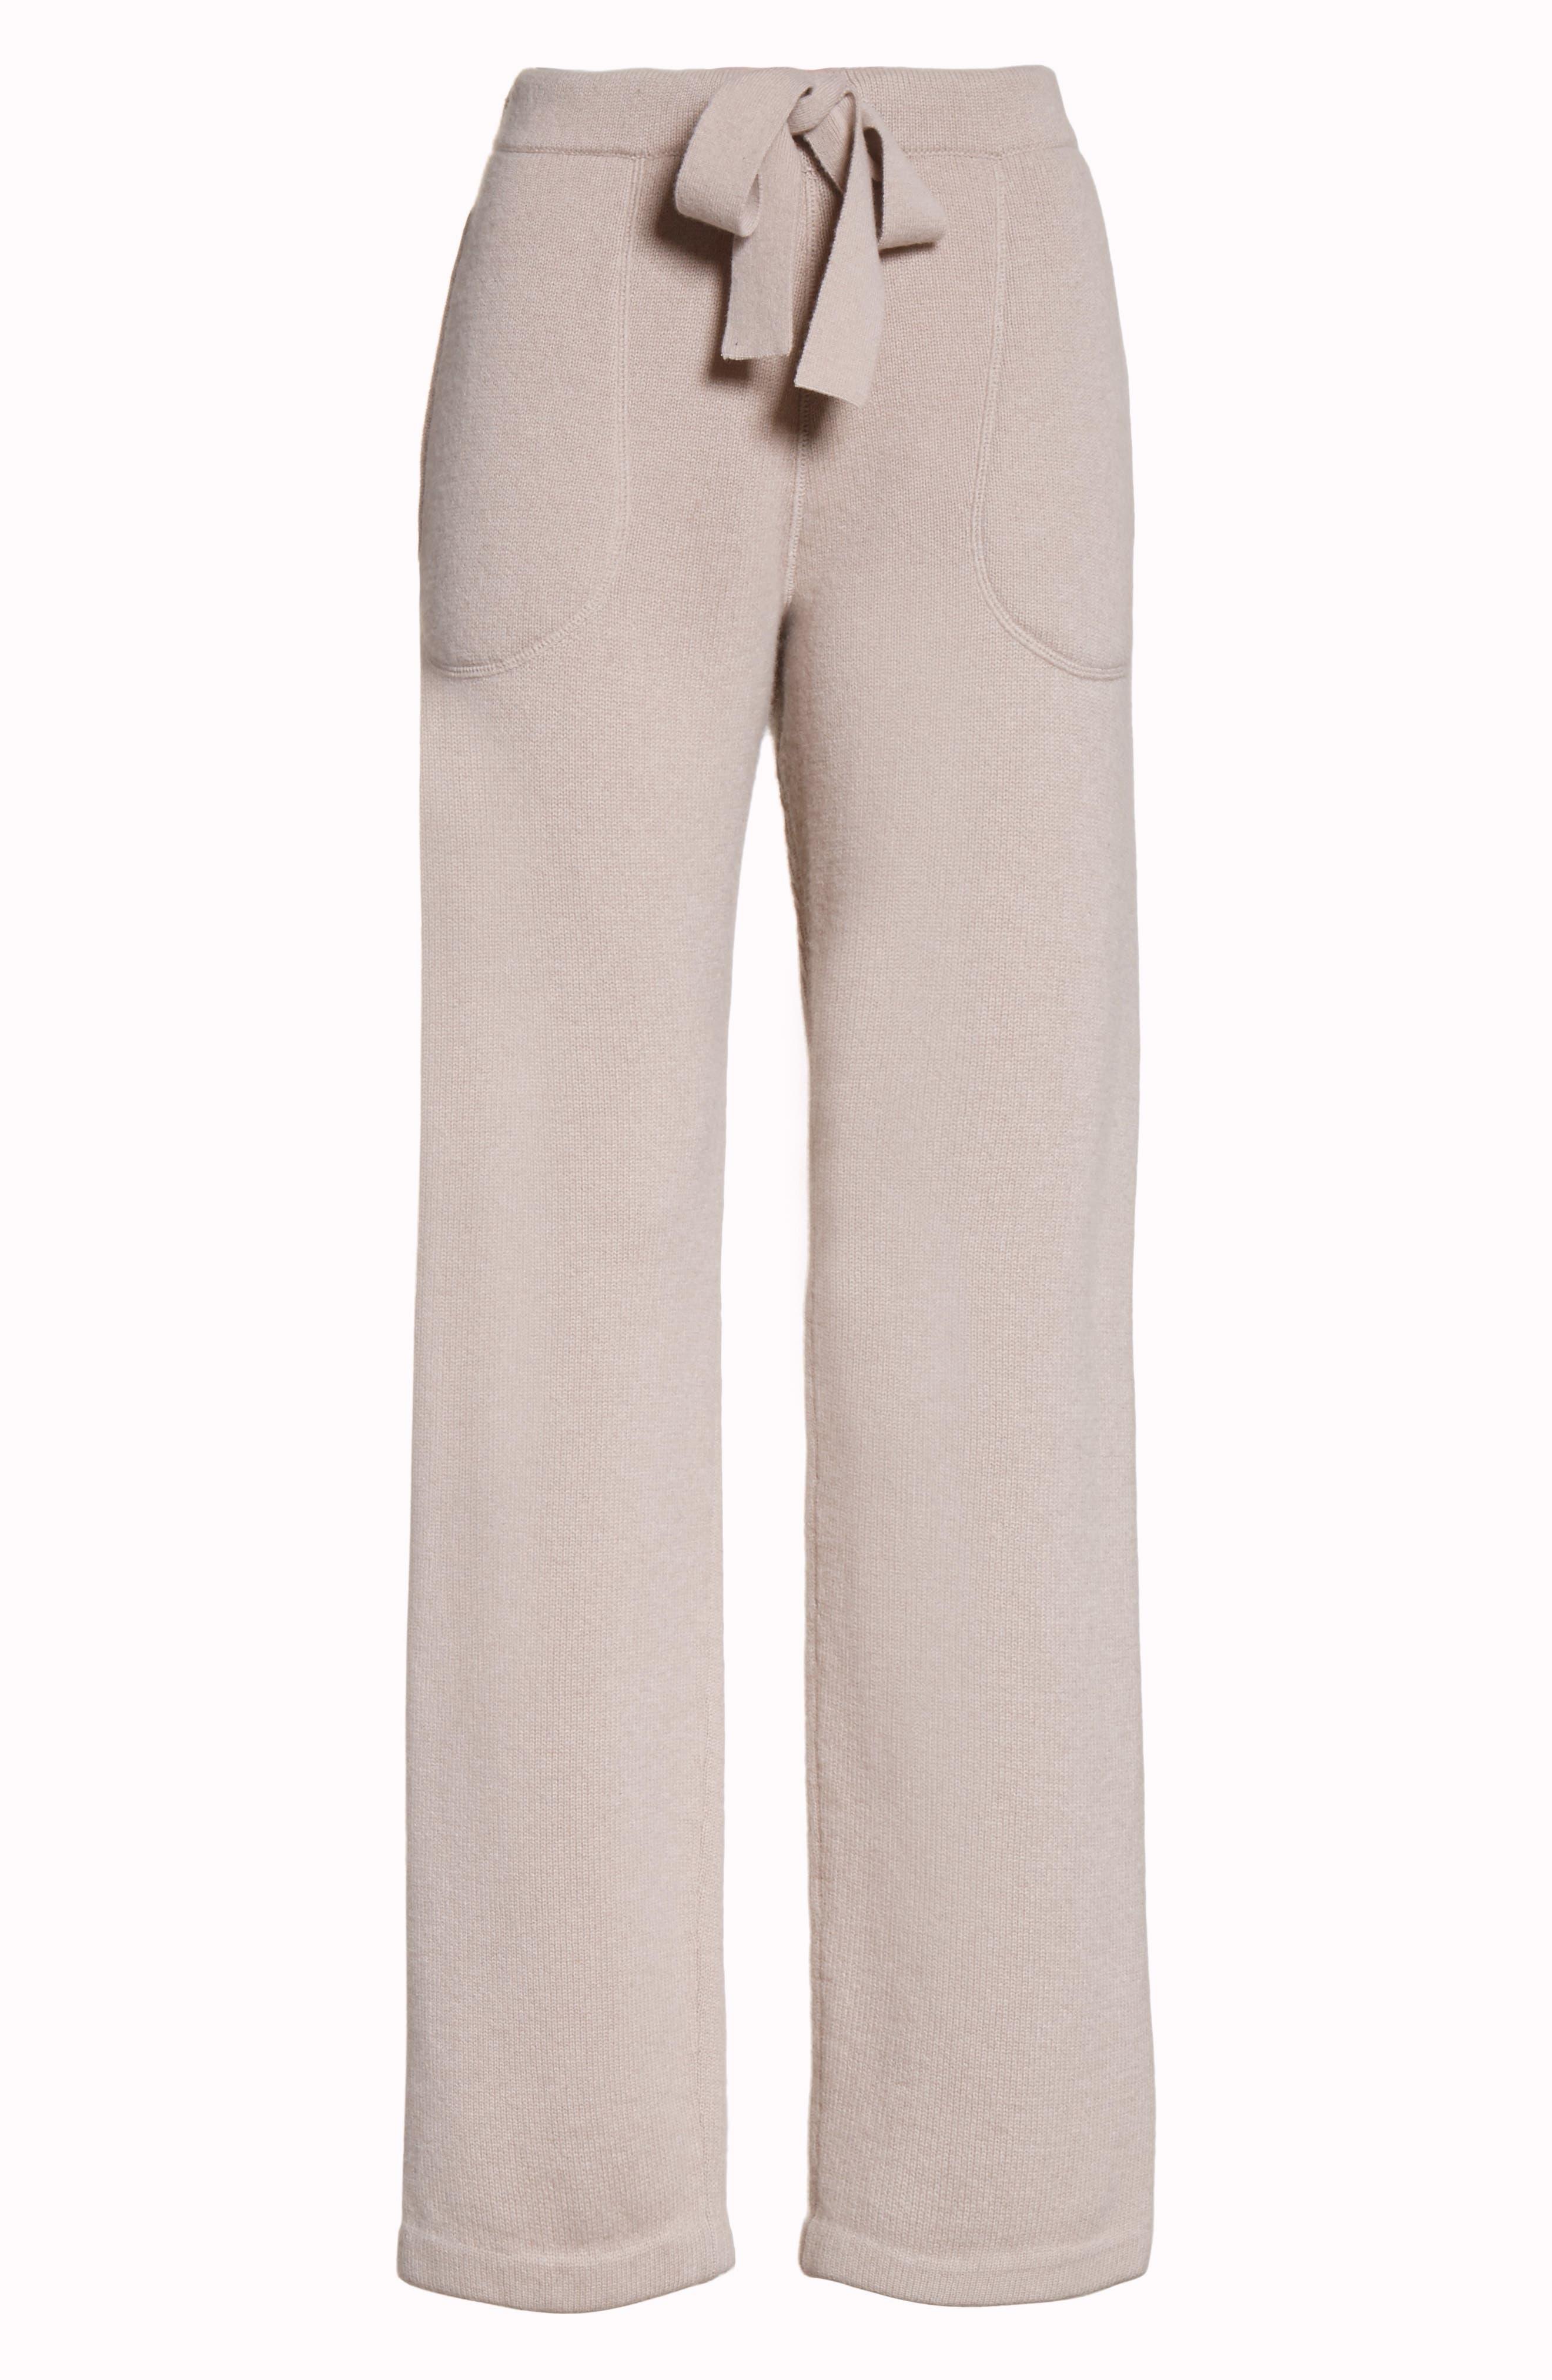 Sutton Cashmere Pants,                             Alternate thumbnail 6, color,                             211